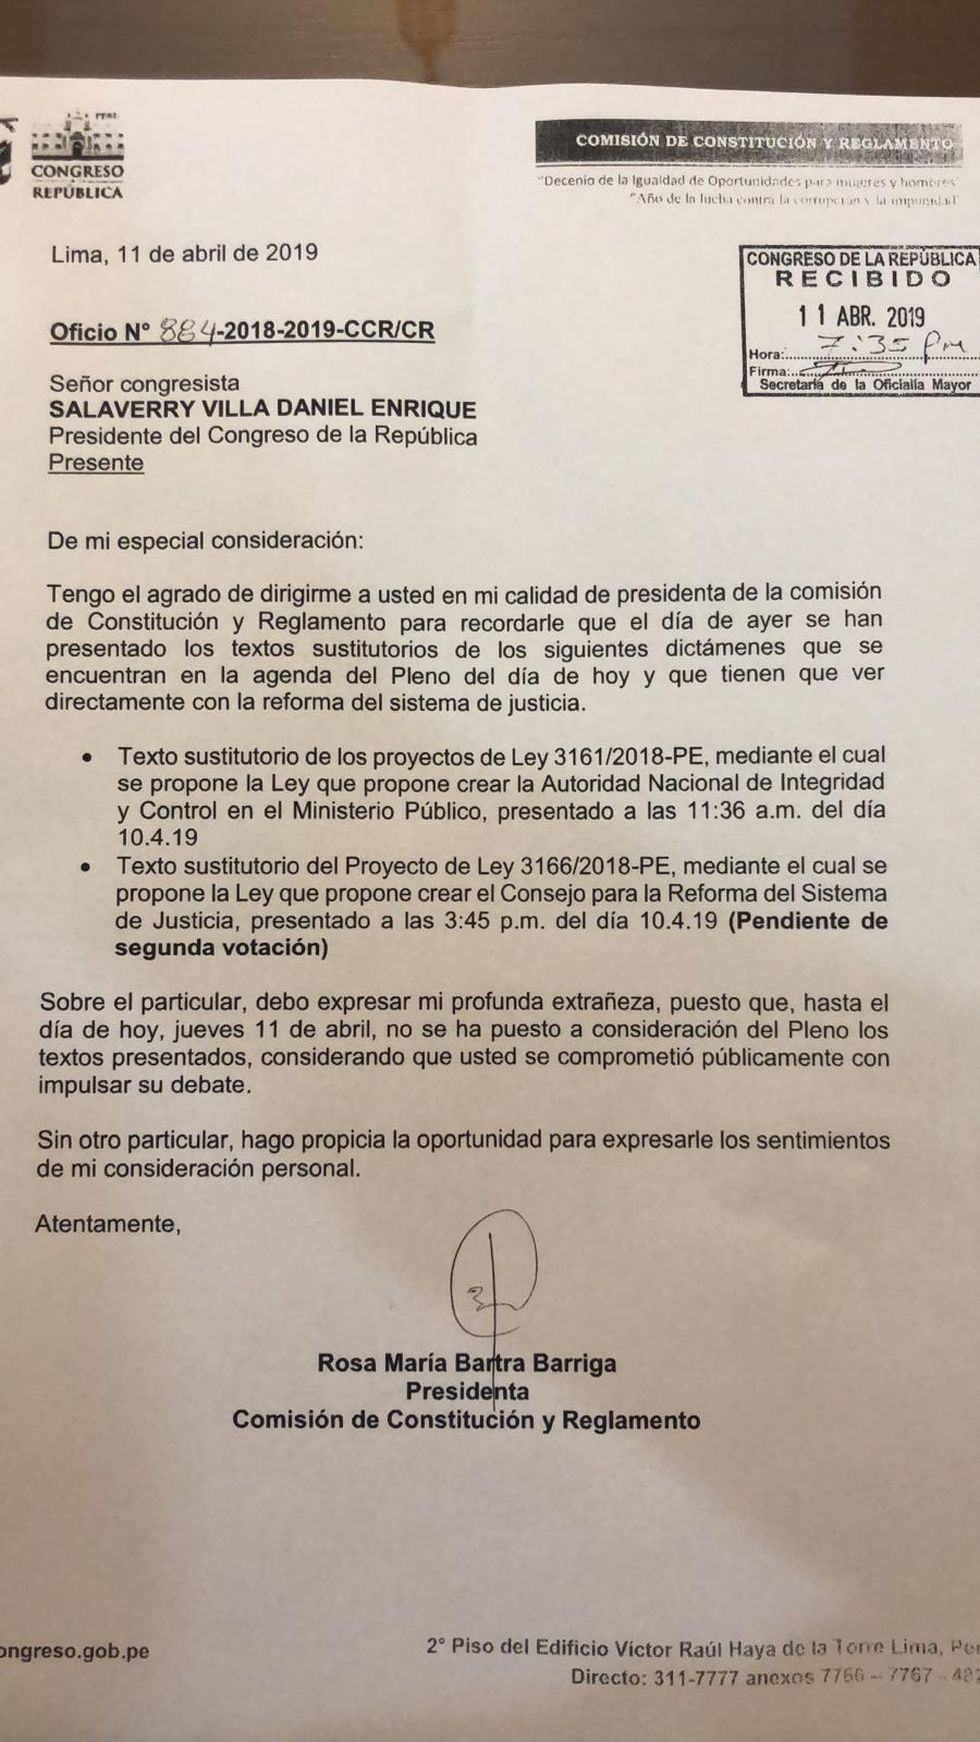 El oficio que Rosa Bartra remitió la semana pasada al presidente del Congre pidiendo que se ponga al debate proyectos de la reforma de justicia.